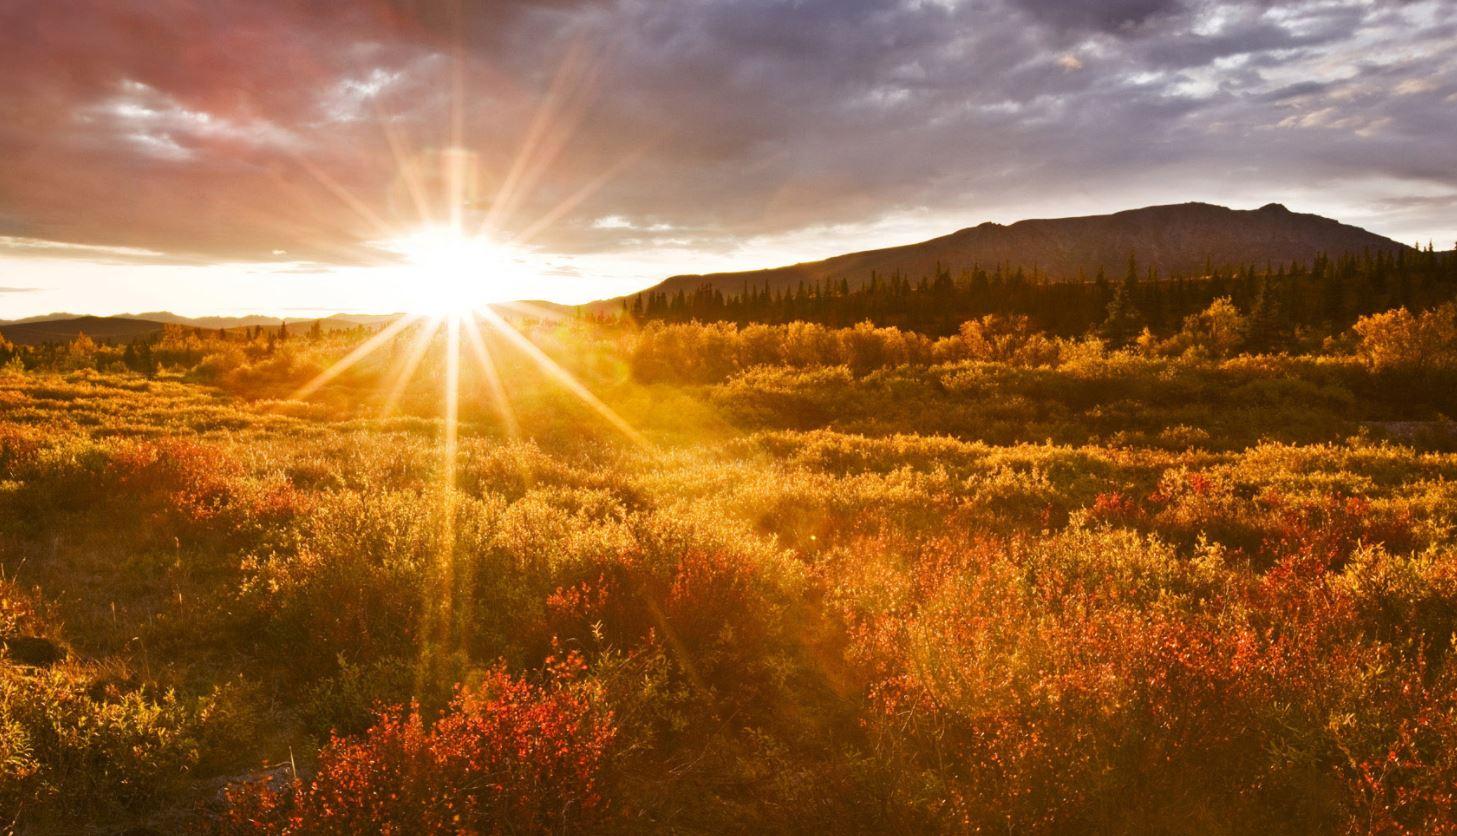 U BiH jutros sunčano, povećanje oblačnosti u poslijepodnevnim satima